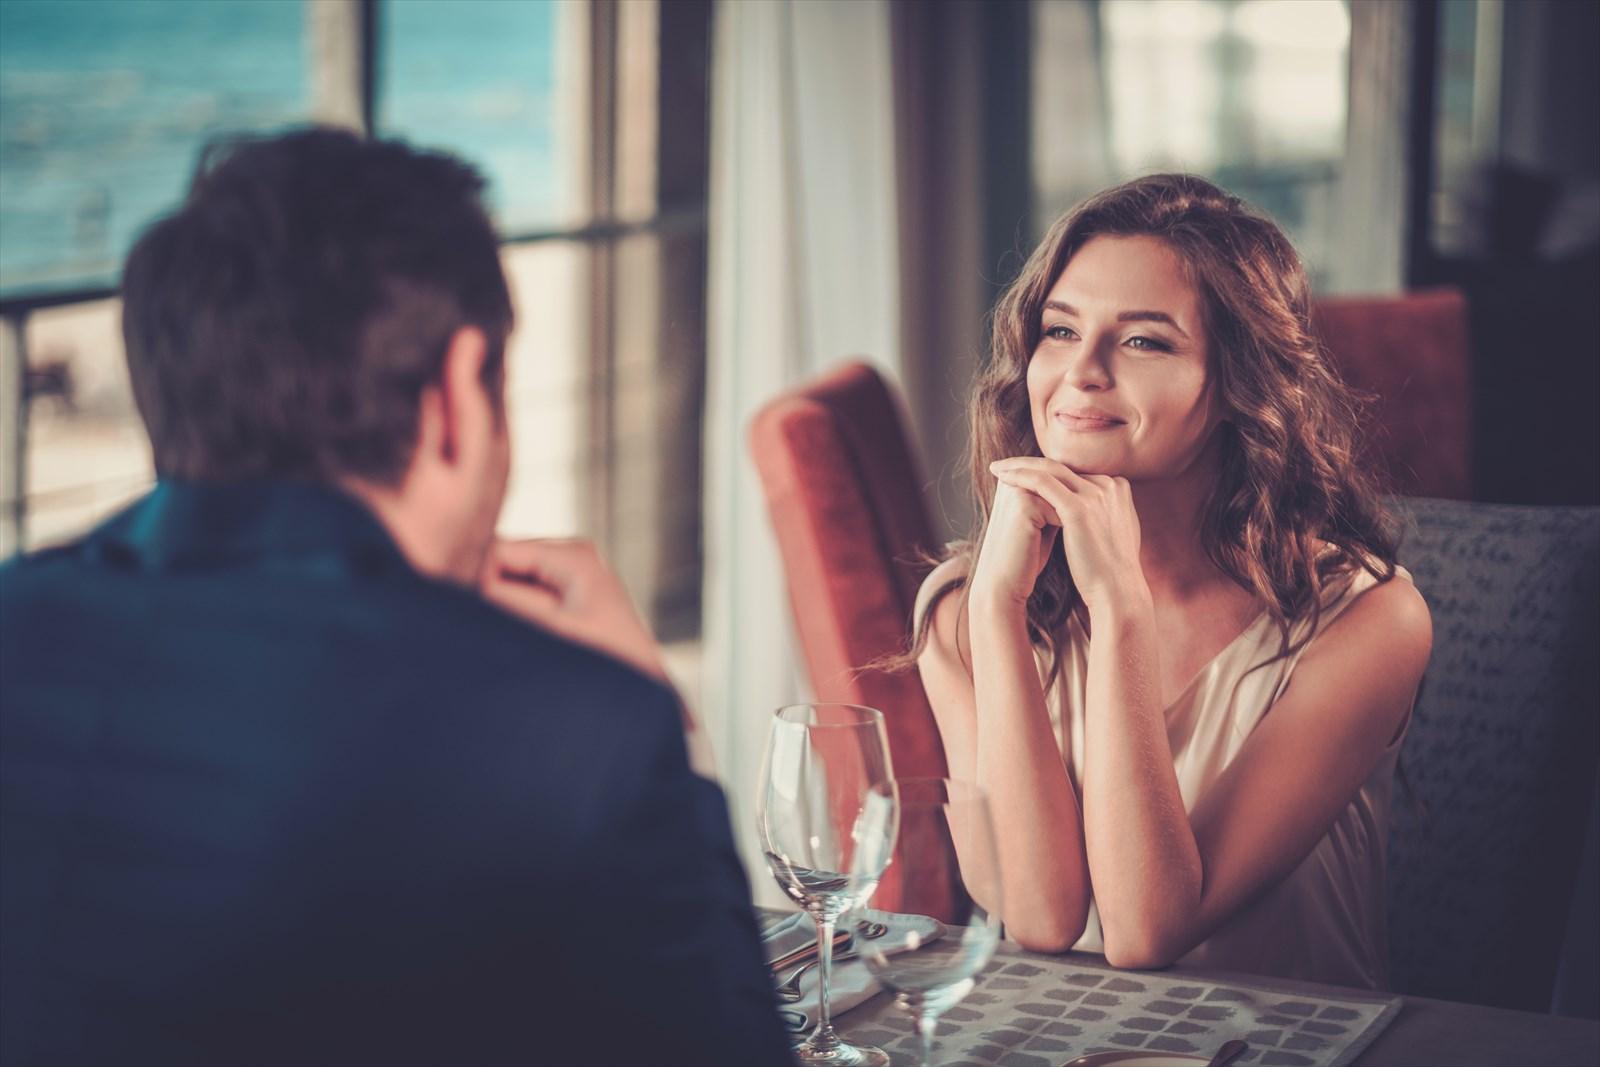 【逆効果】彼氏に「私の好きなところ10個言って」は、別れの原因